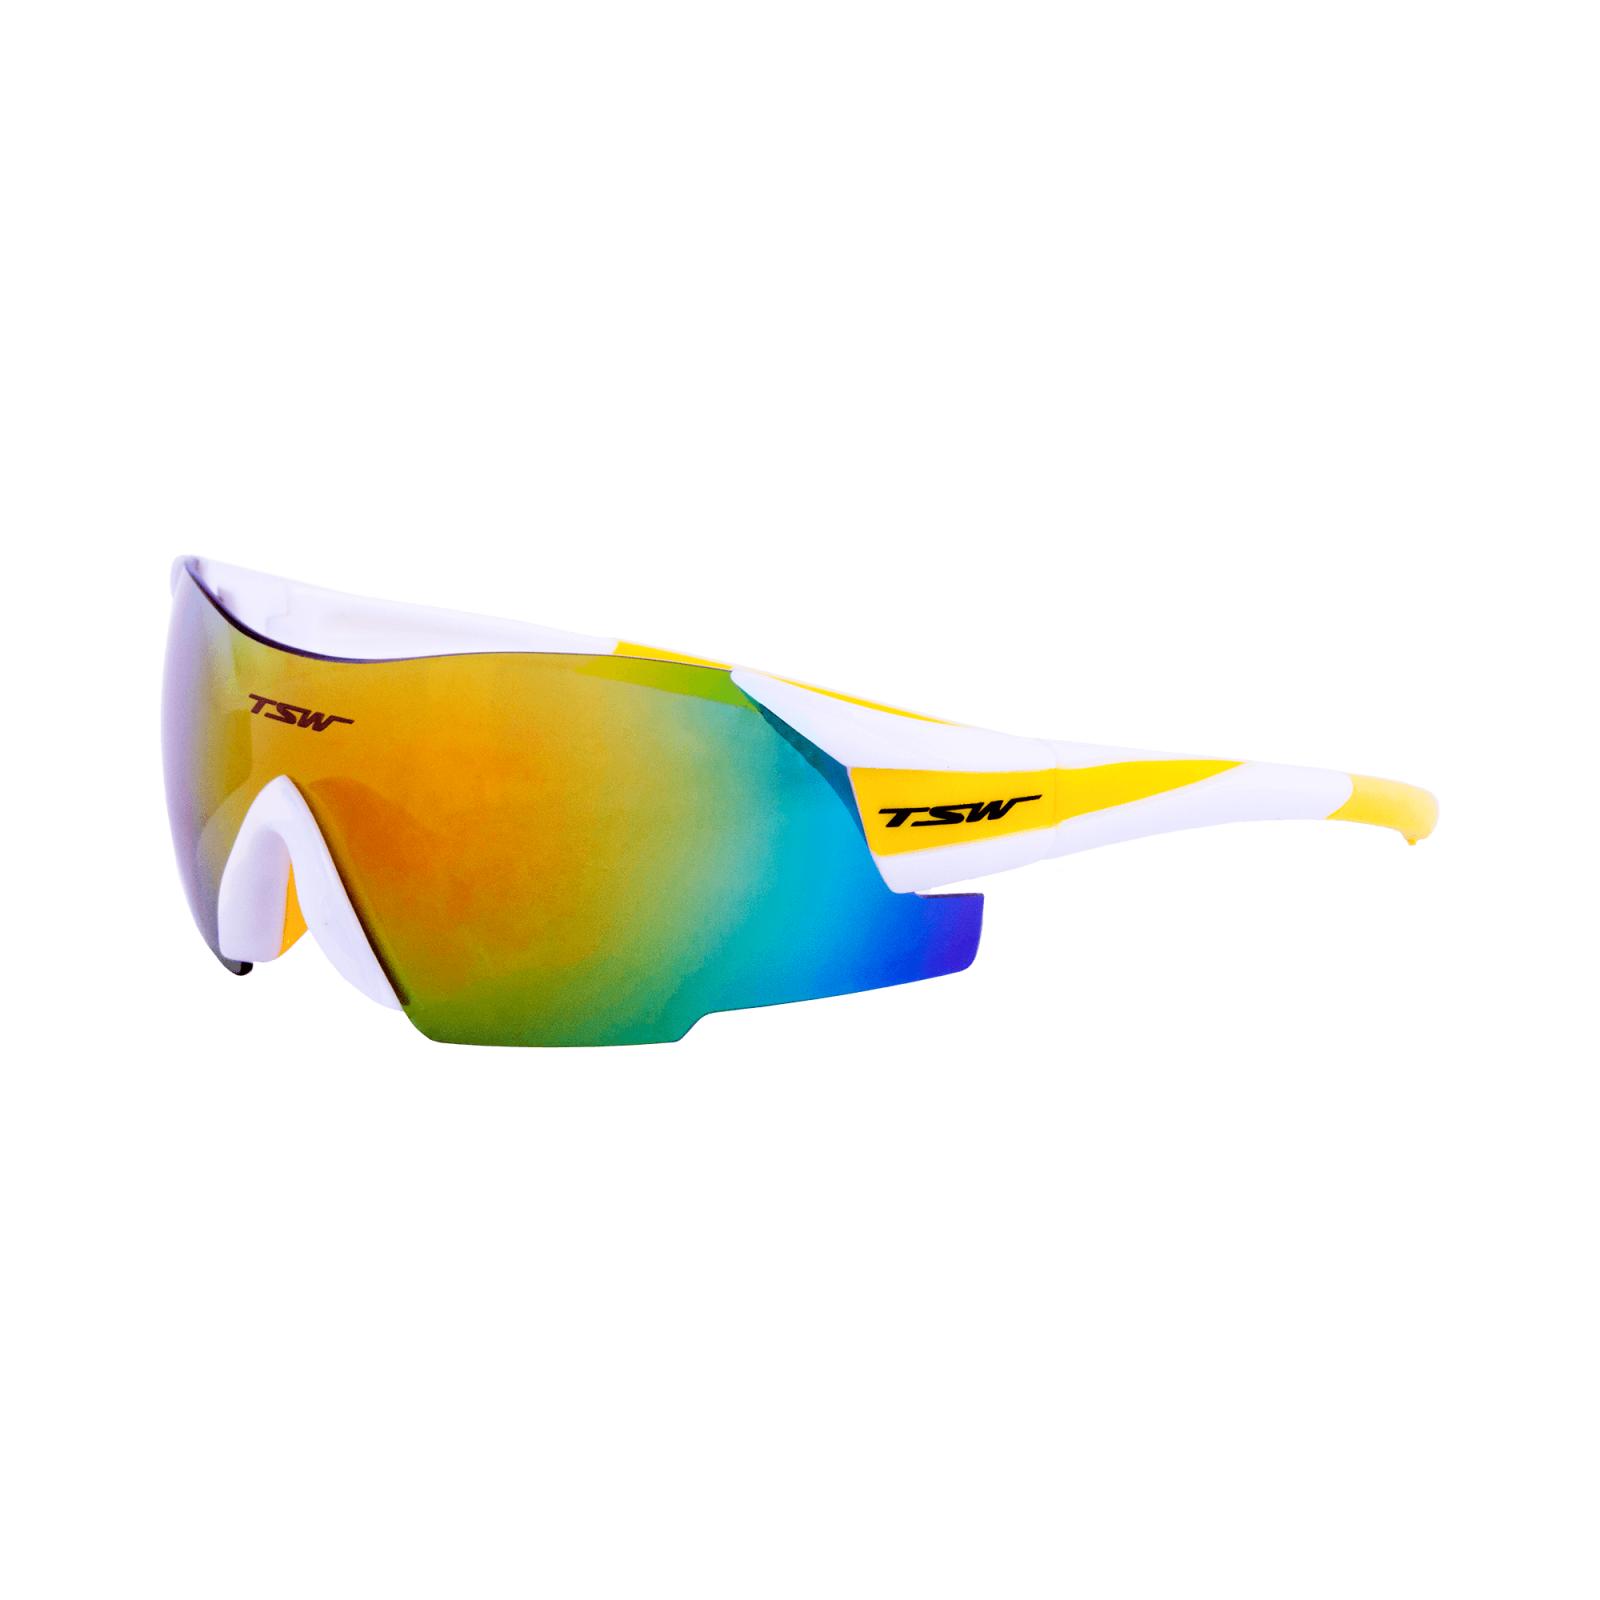 Óculos TSW Vitalux - Branco/Amarelo 2 lentes